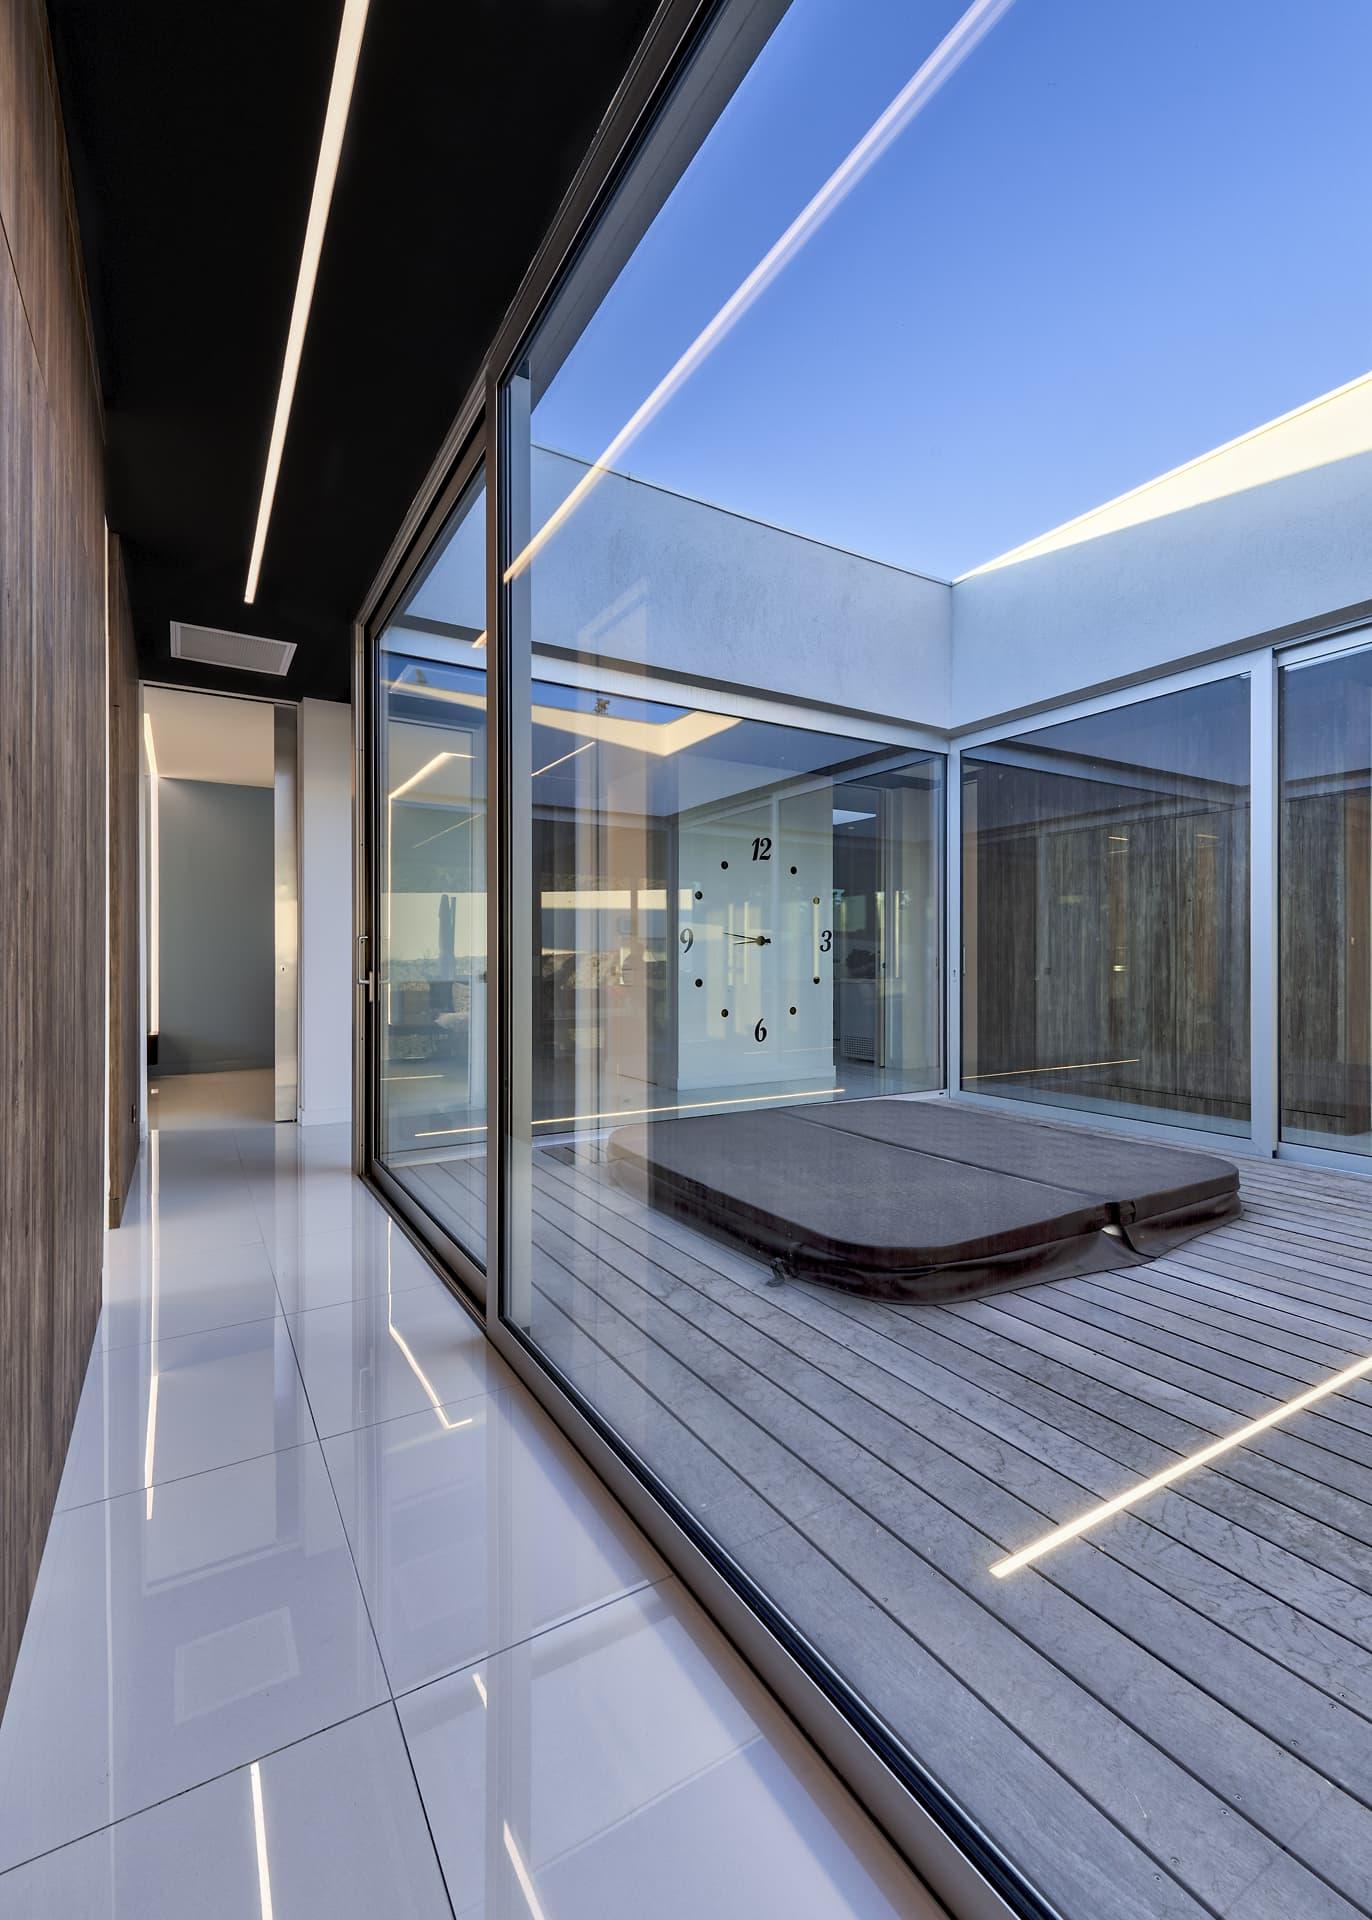 Eclairage d'un couloir et de la terrasse central avec jacuzzi de la villa privée Juliette